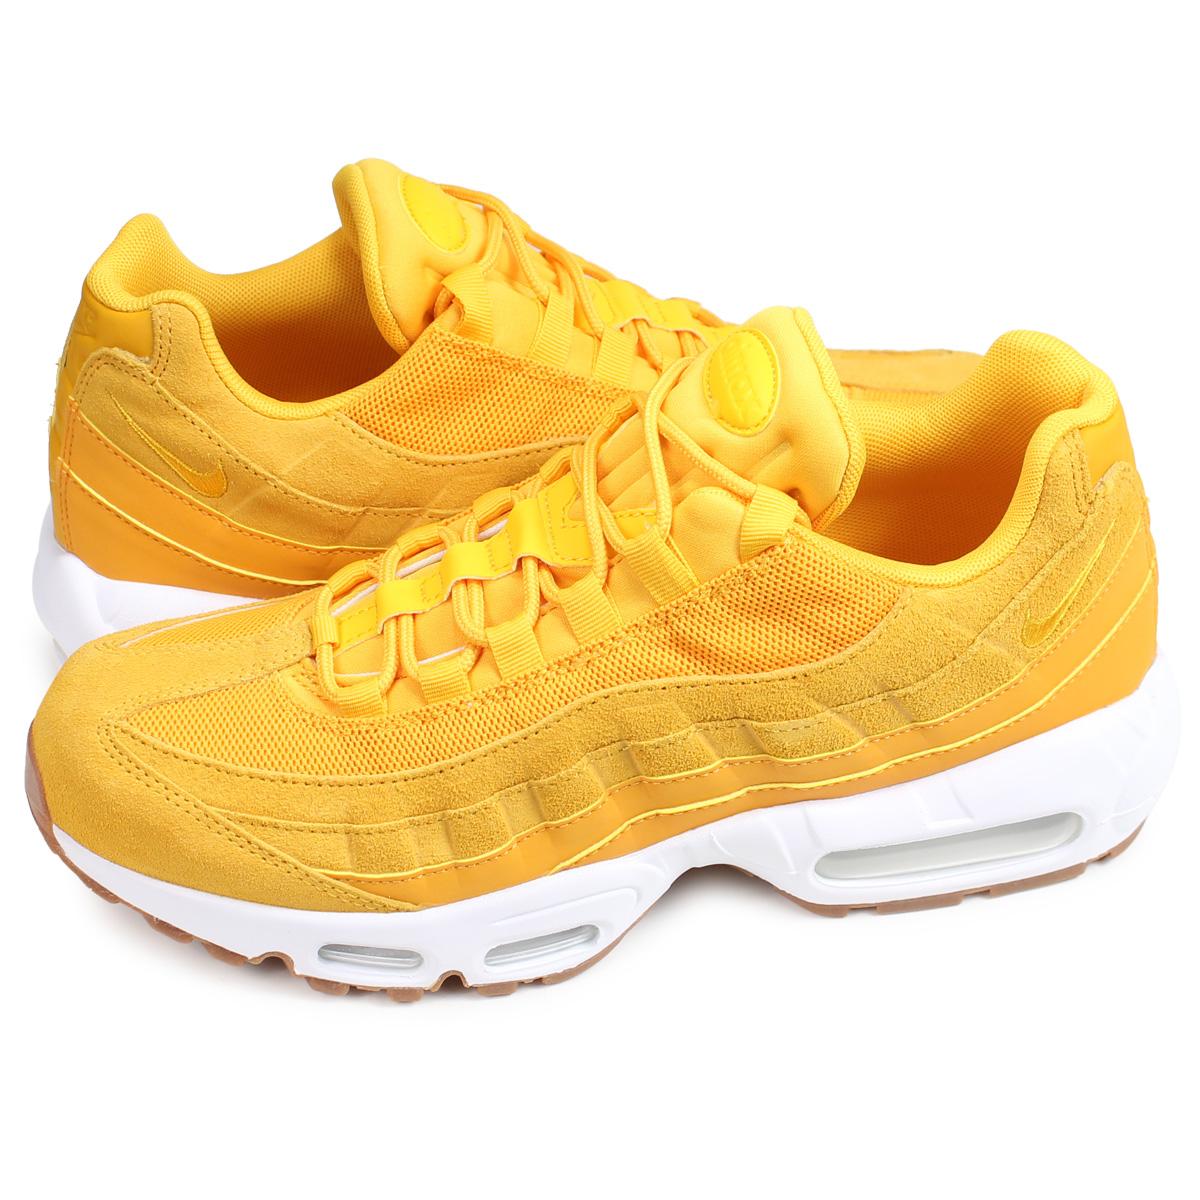 Nike NIKE Air Max 95 sneakers Lady's men WMNS AIR MAX 95 PREMIUM yellow 807,443 701 [196]